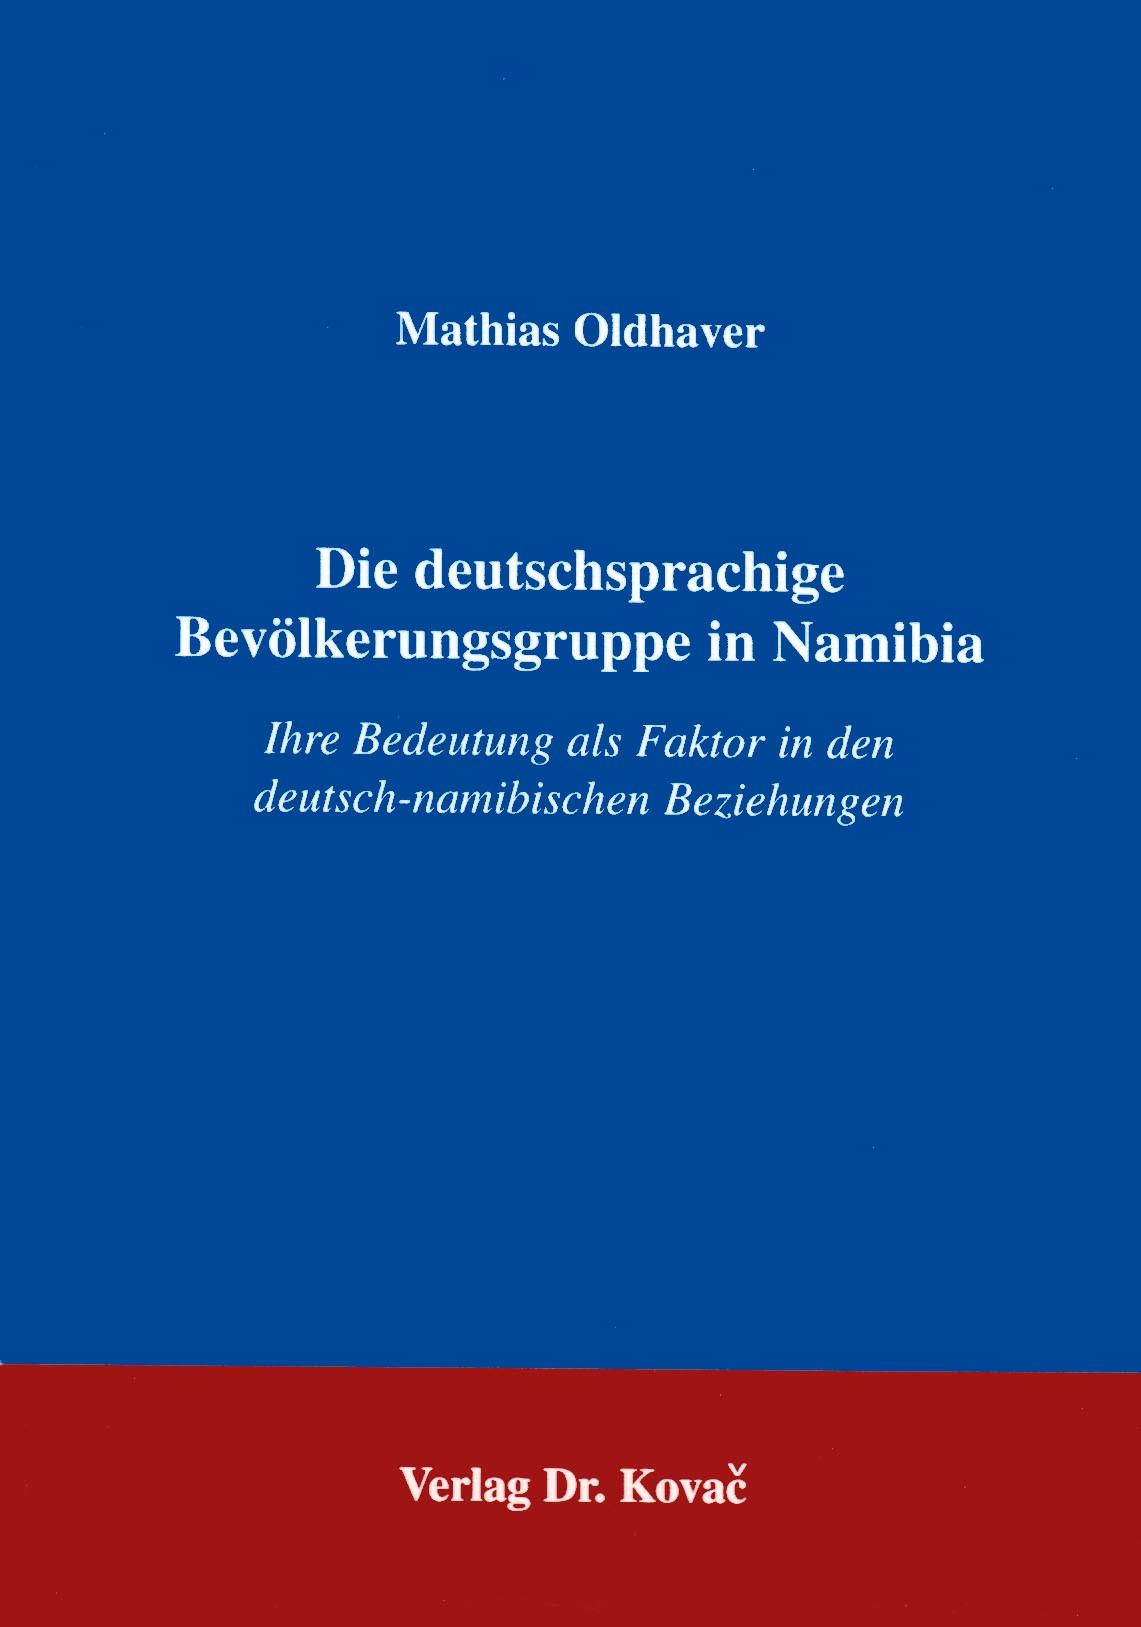 Die deutschsprachige Bevölkerungsgruppe in Namibia | Oldhaver, 1997 | Buch (Cover)